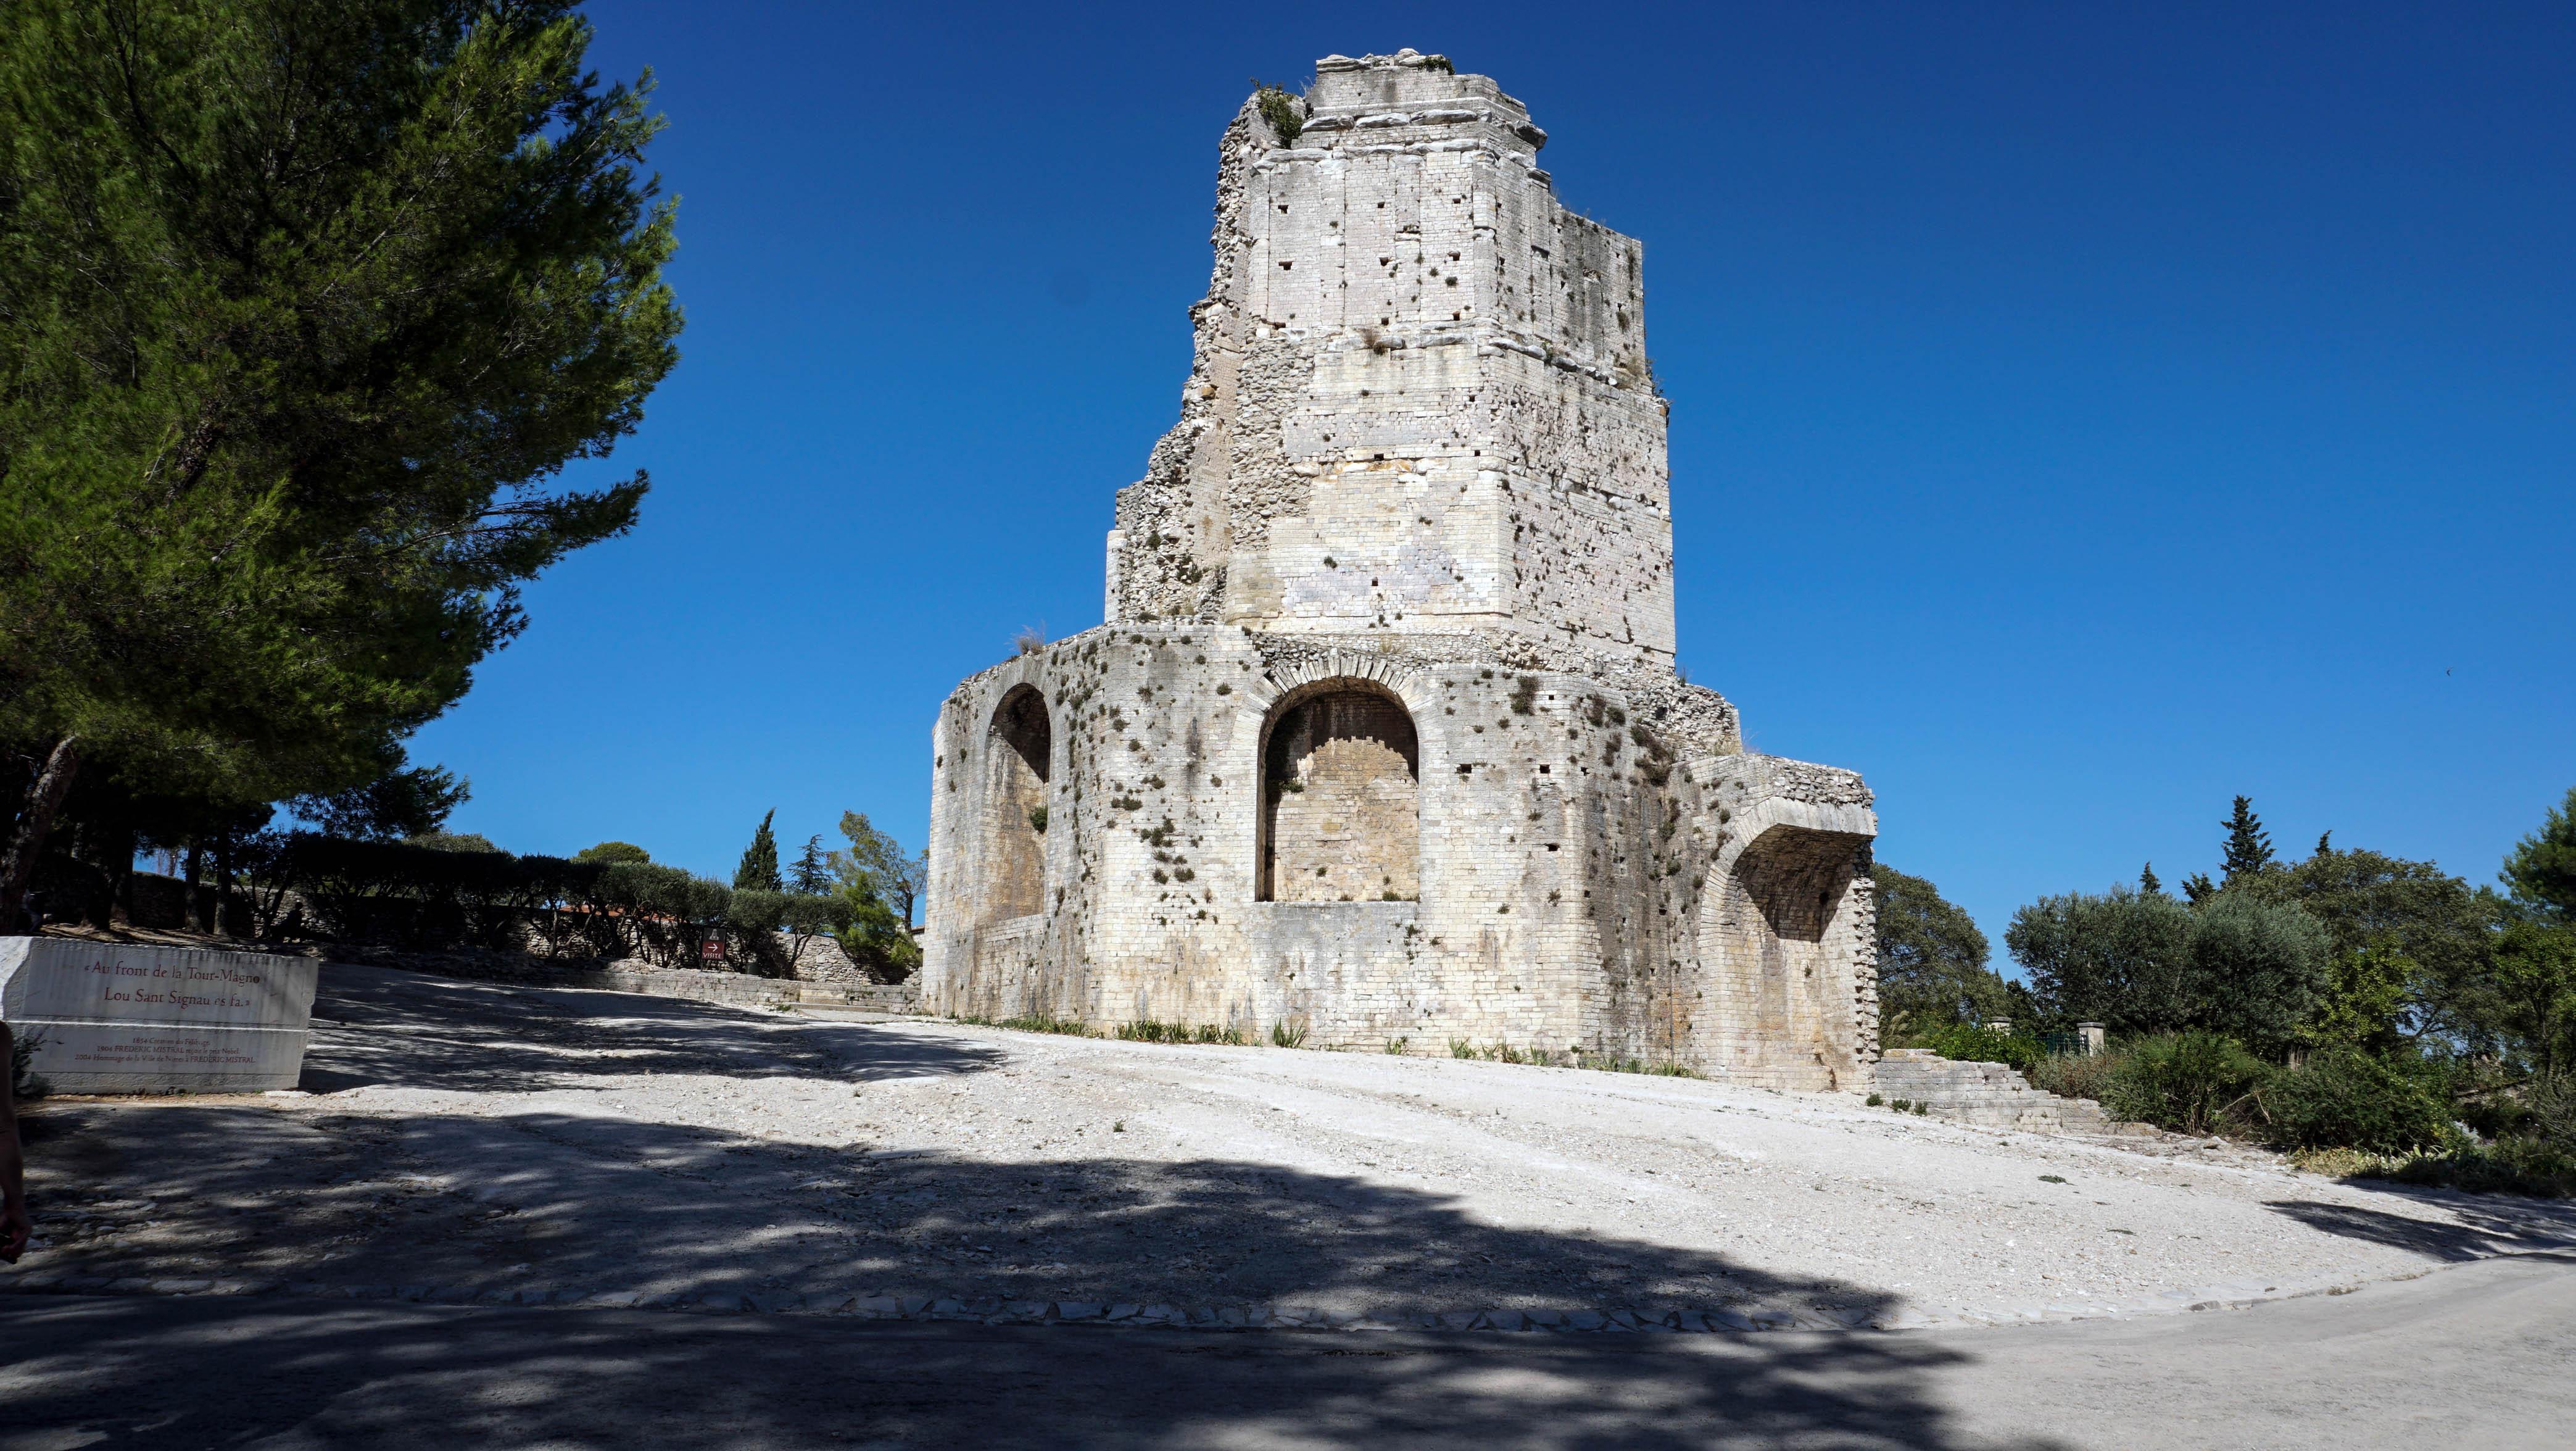 Rome on rome provence the roman province along the via domitia - Tour magne nimes ...